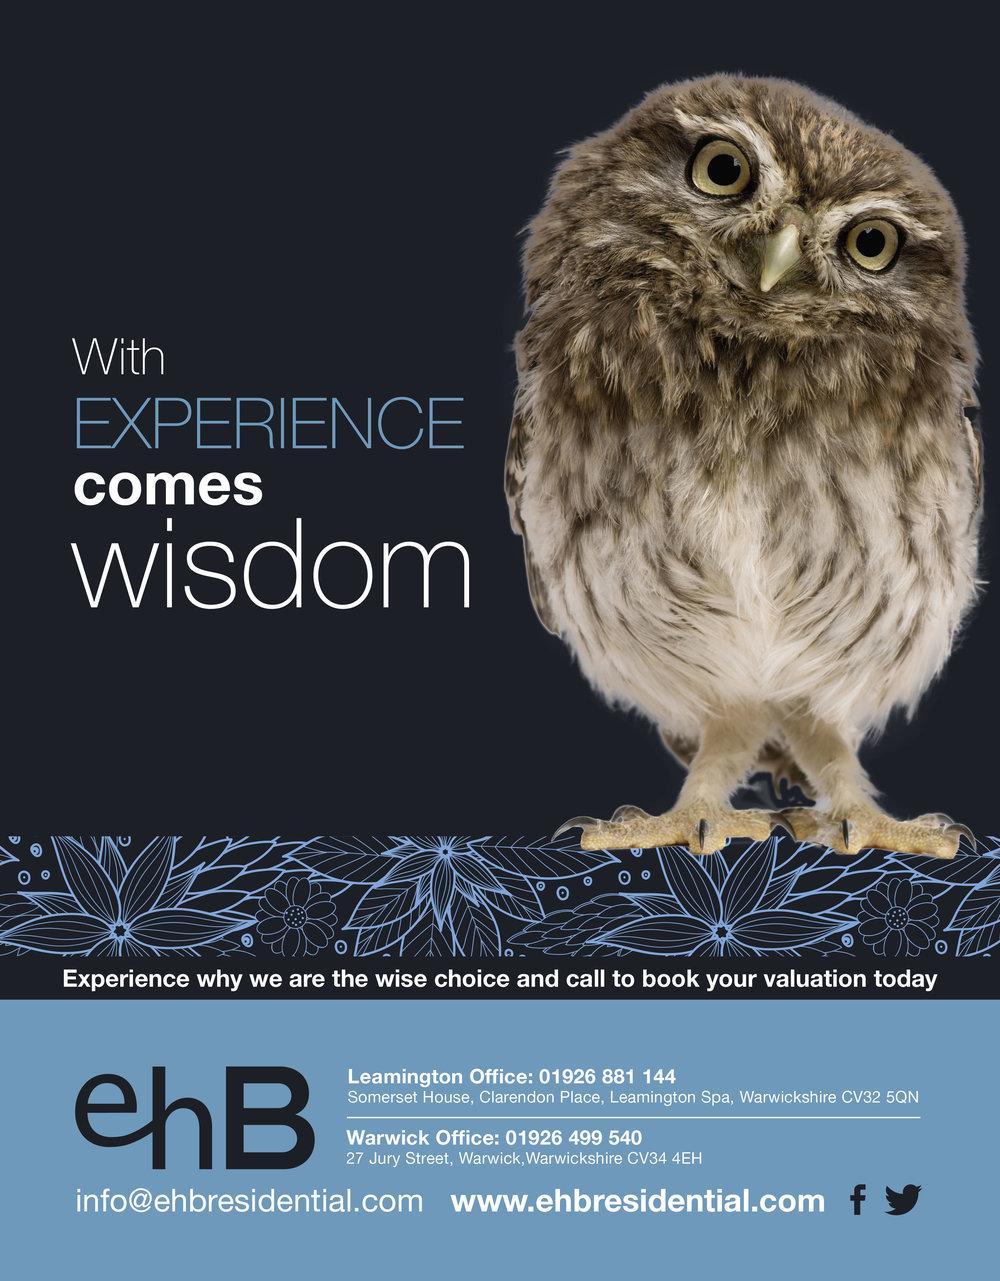 ehb-owl.jpg